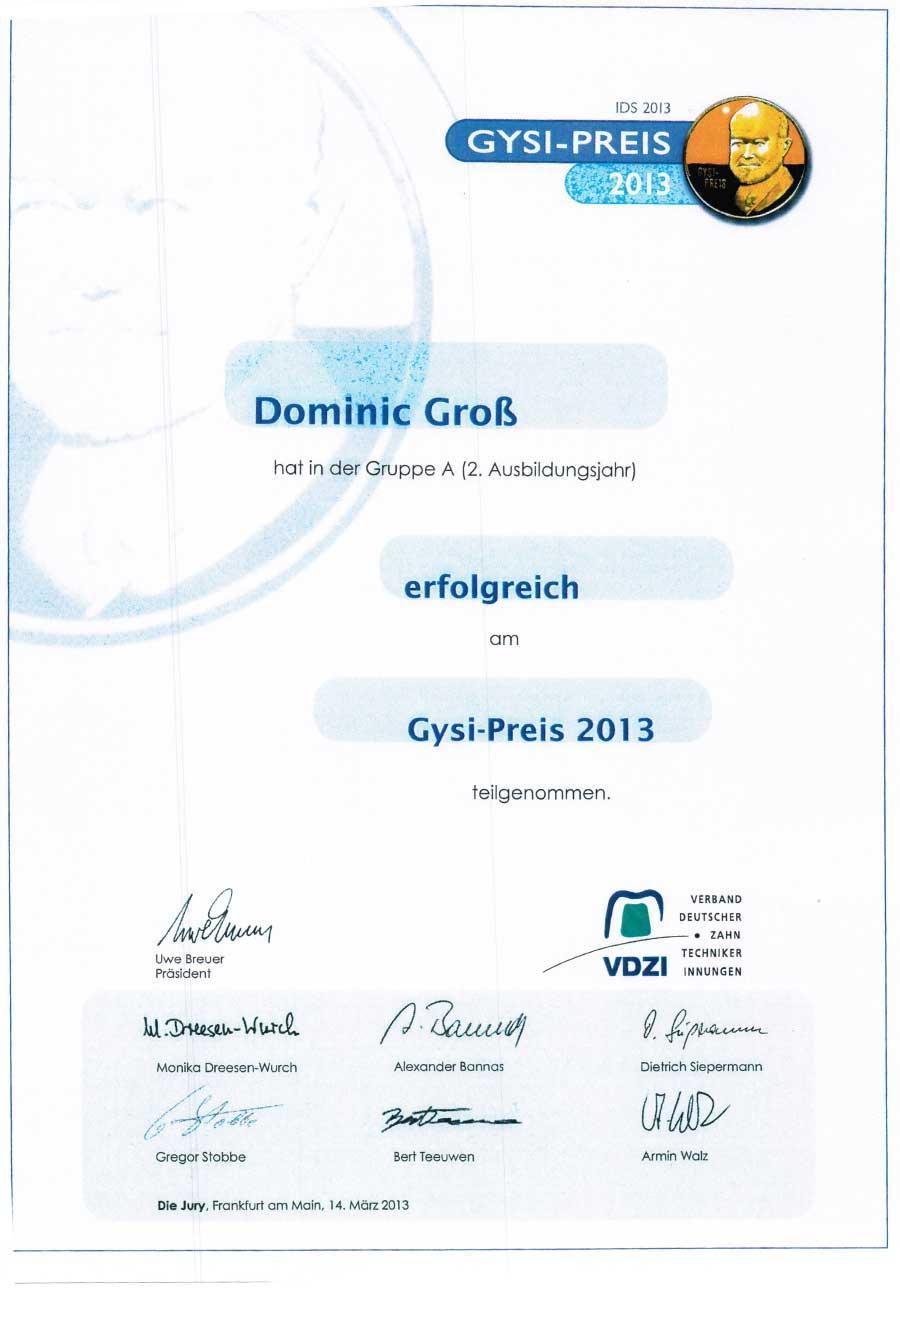 Gysi Preis für Dominic Groß